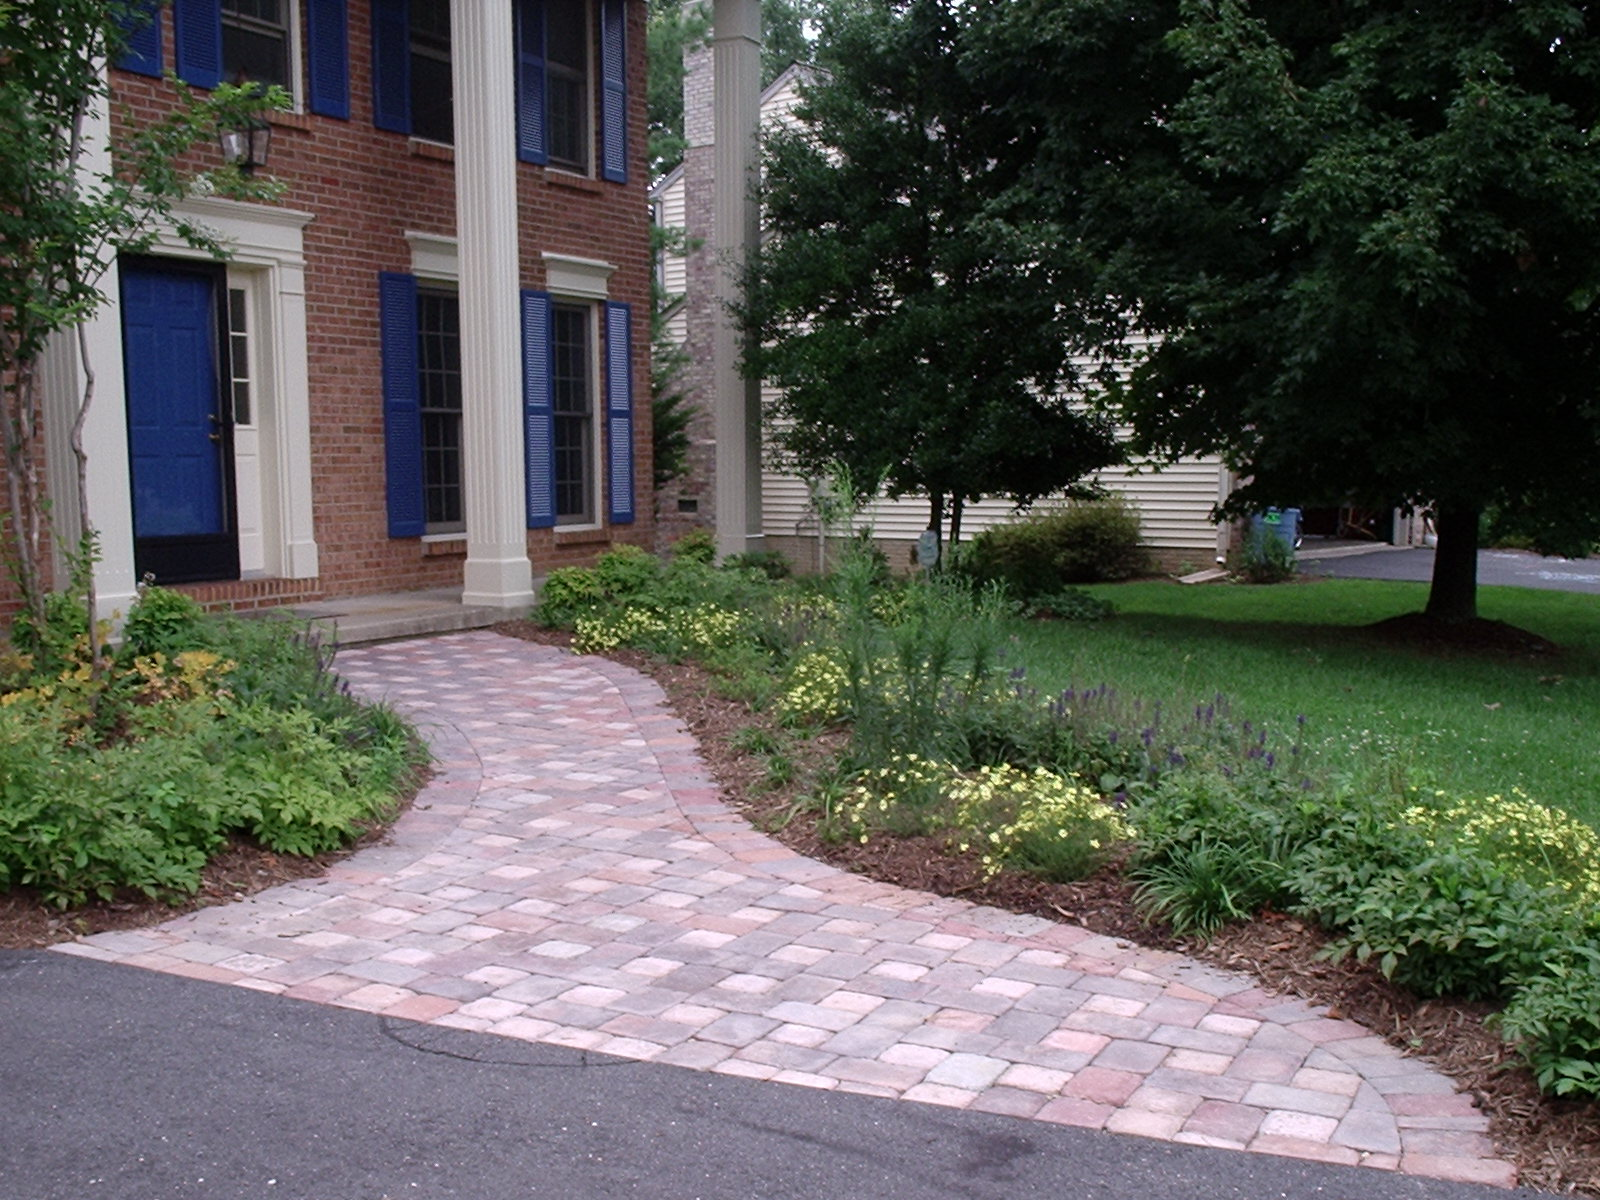 Photo of paver walkway